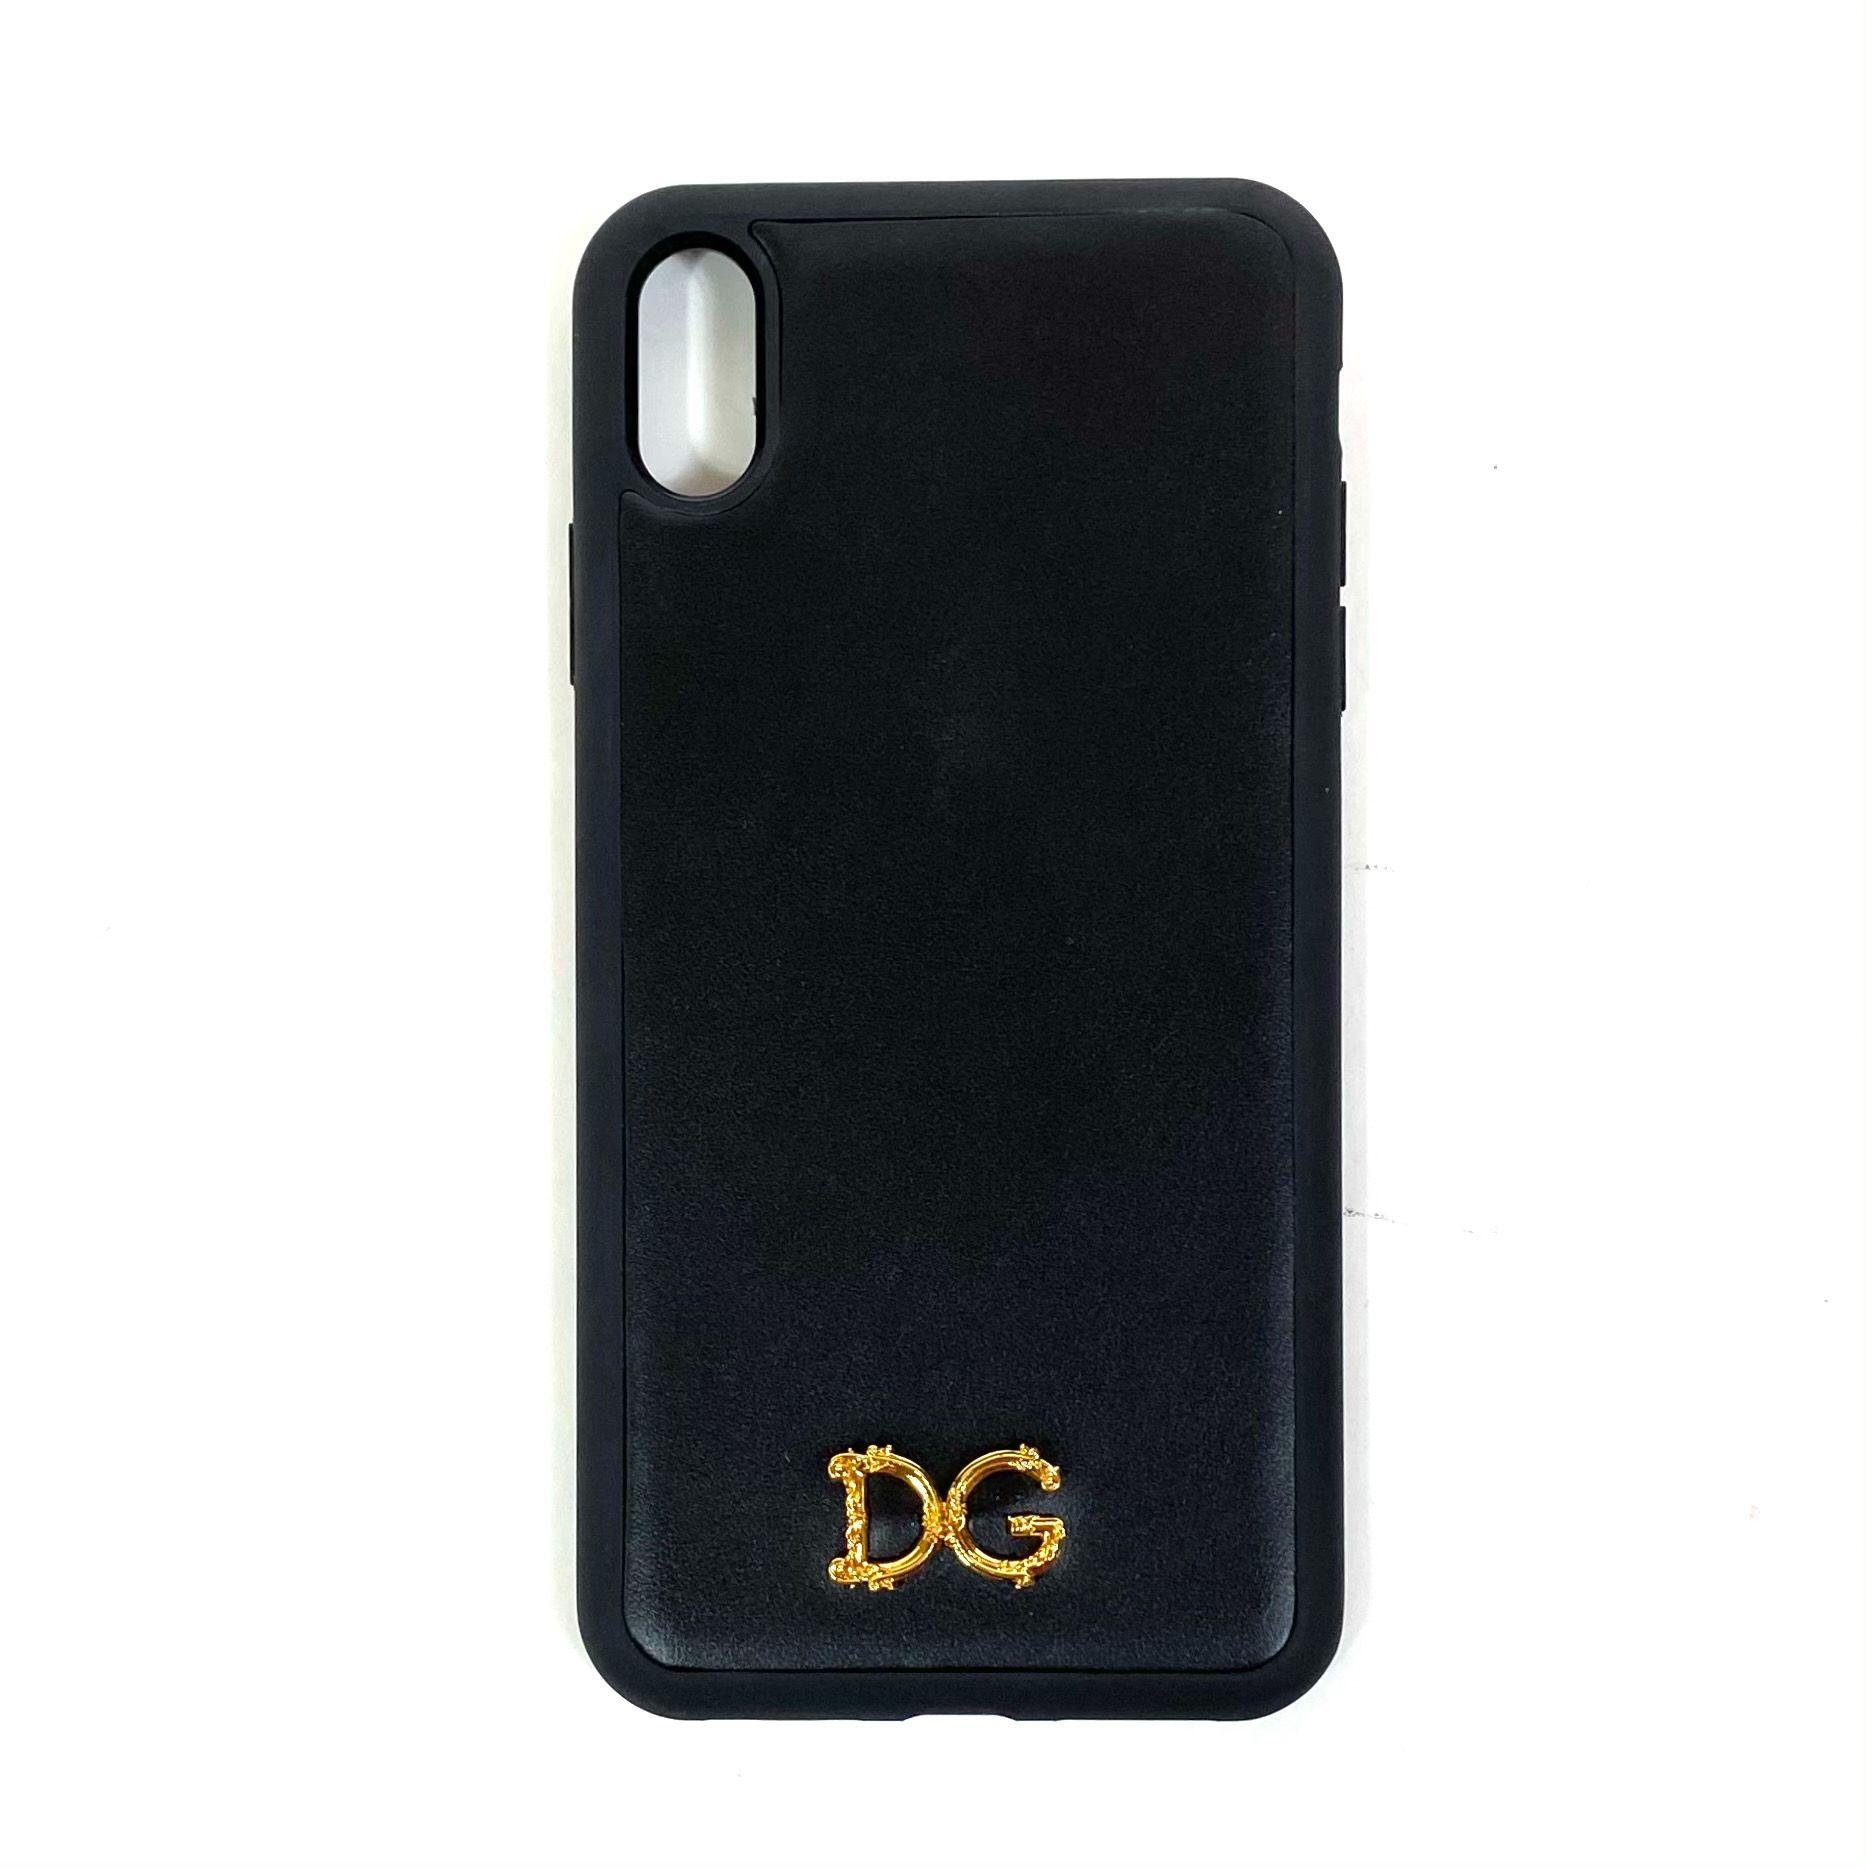 Case D&G Iphone Xs Max Preta